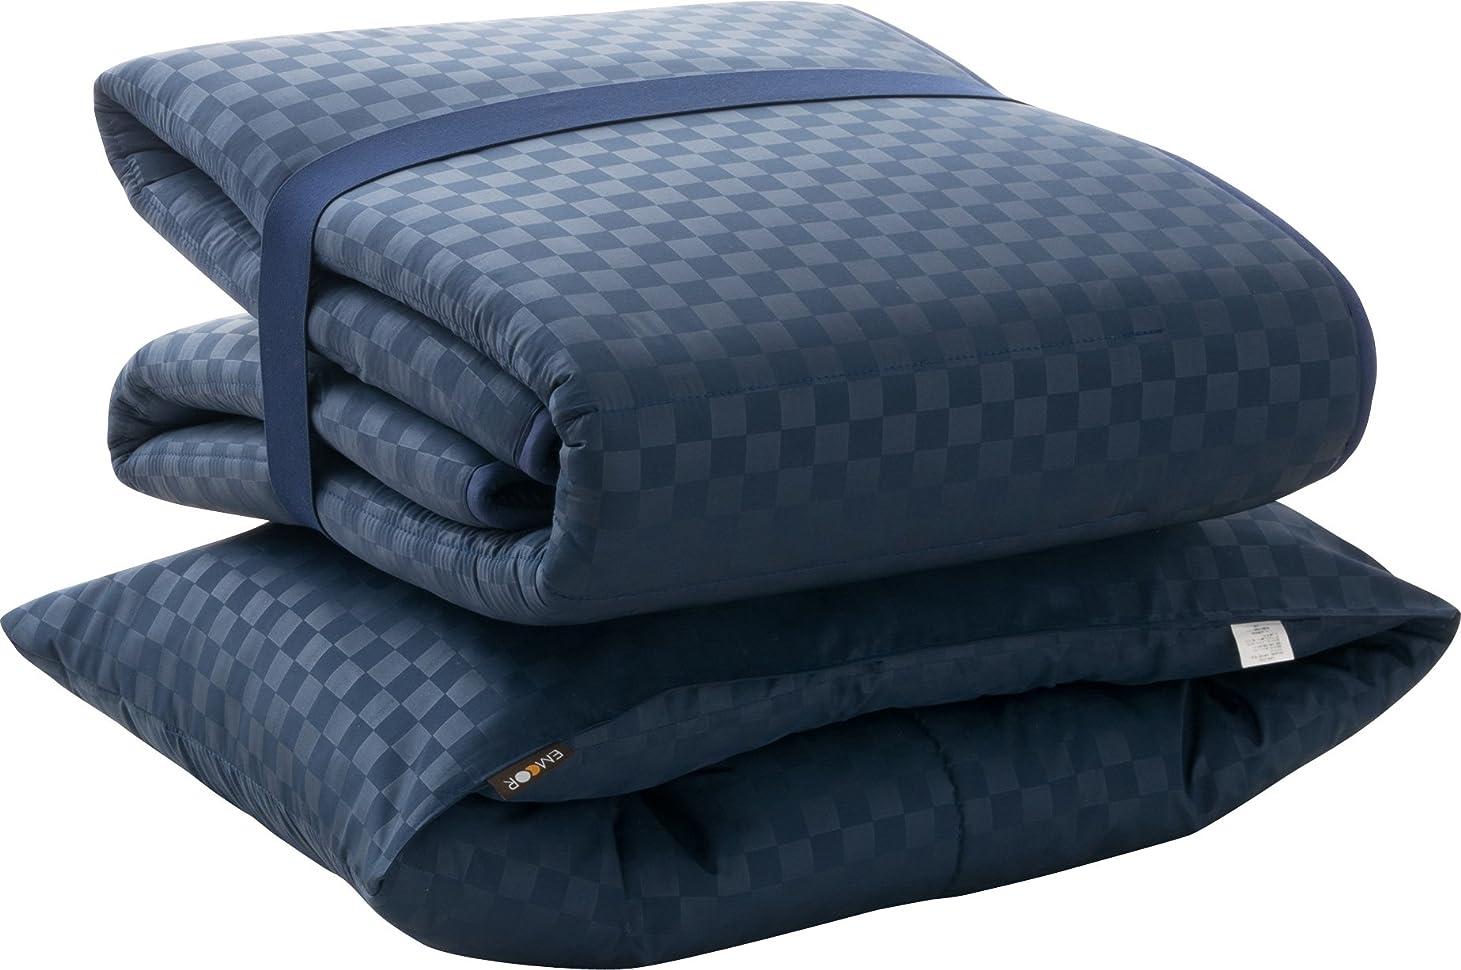 ストレッチベンチャー縁石エムール 日本製 ウルトラコンパクト2 布団4点セット シングル 従来品の約1/3の大きさになる布団セット 格子柄ネイビー